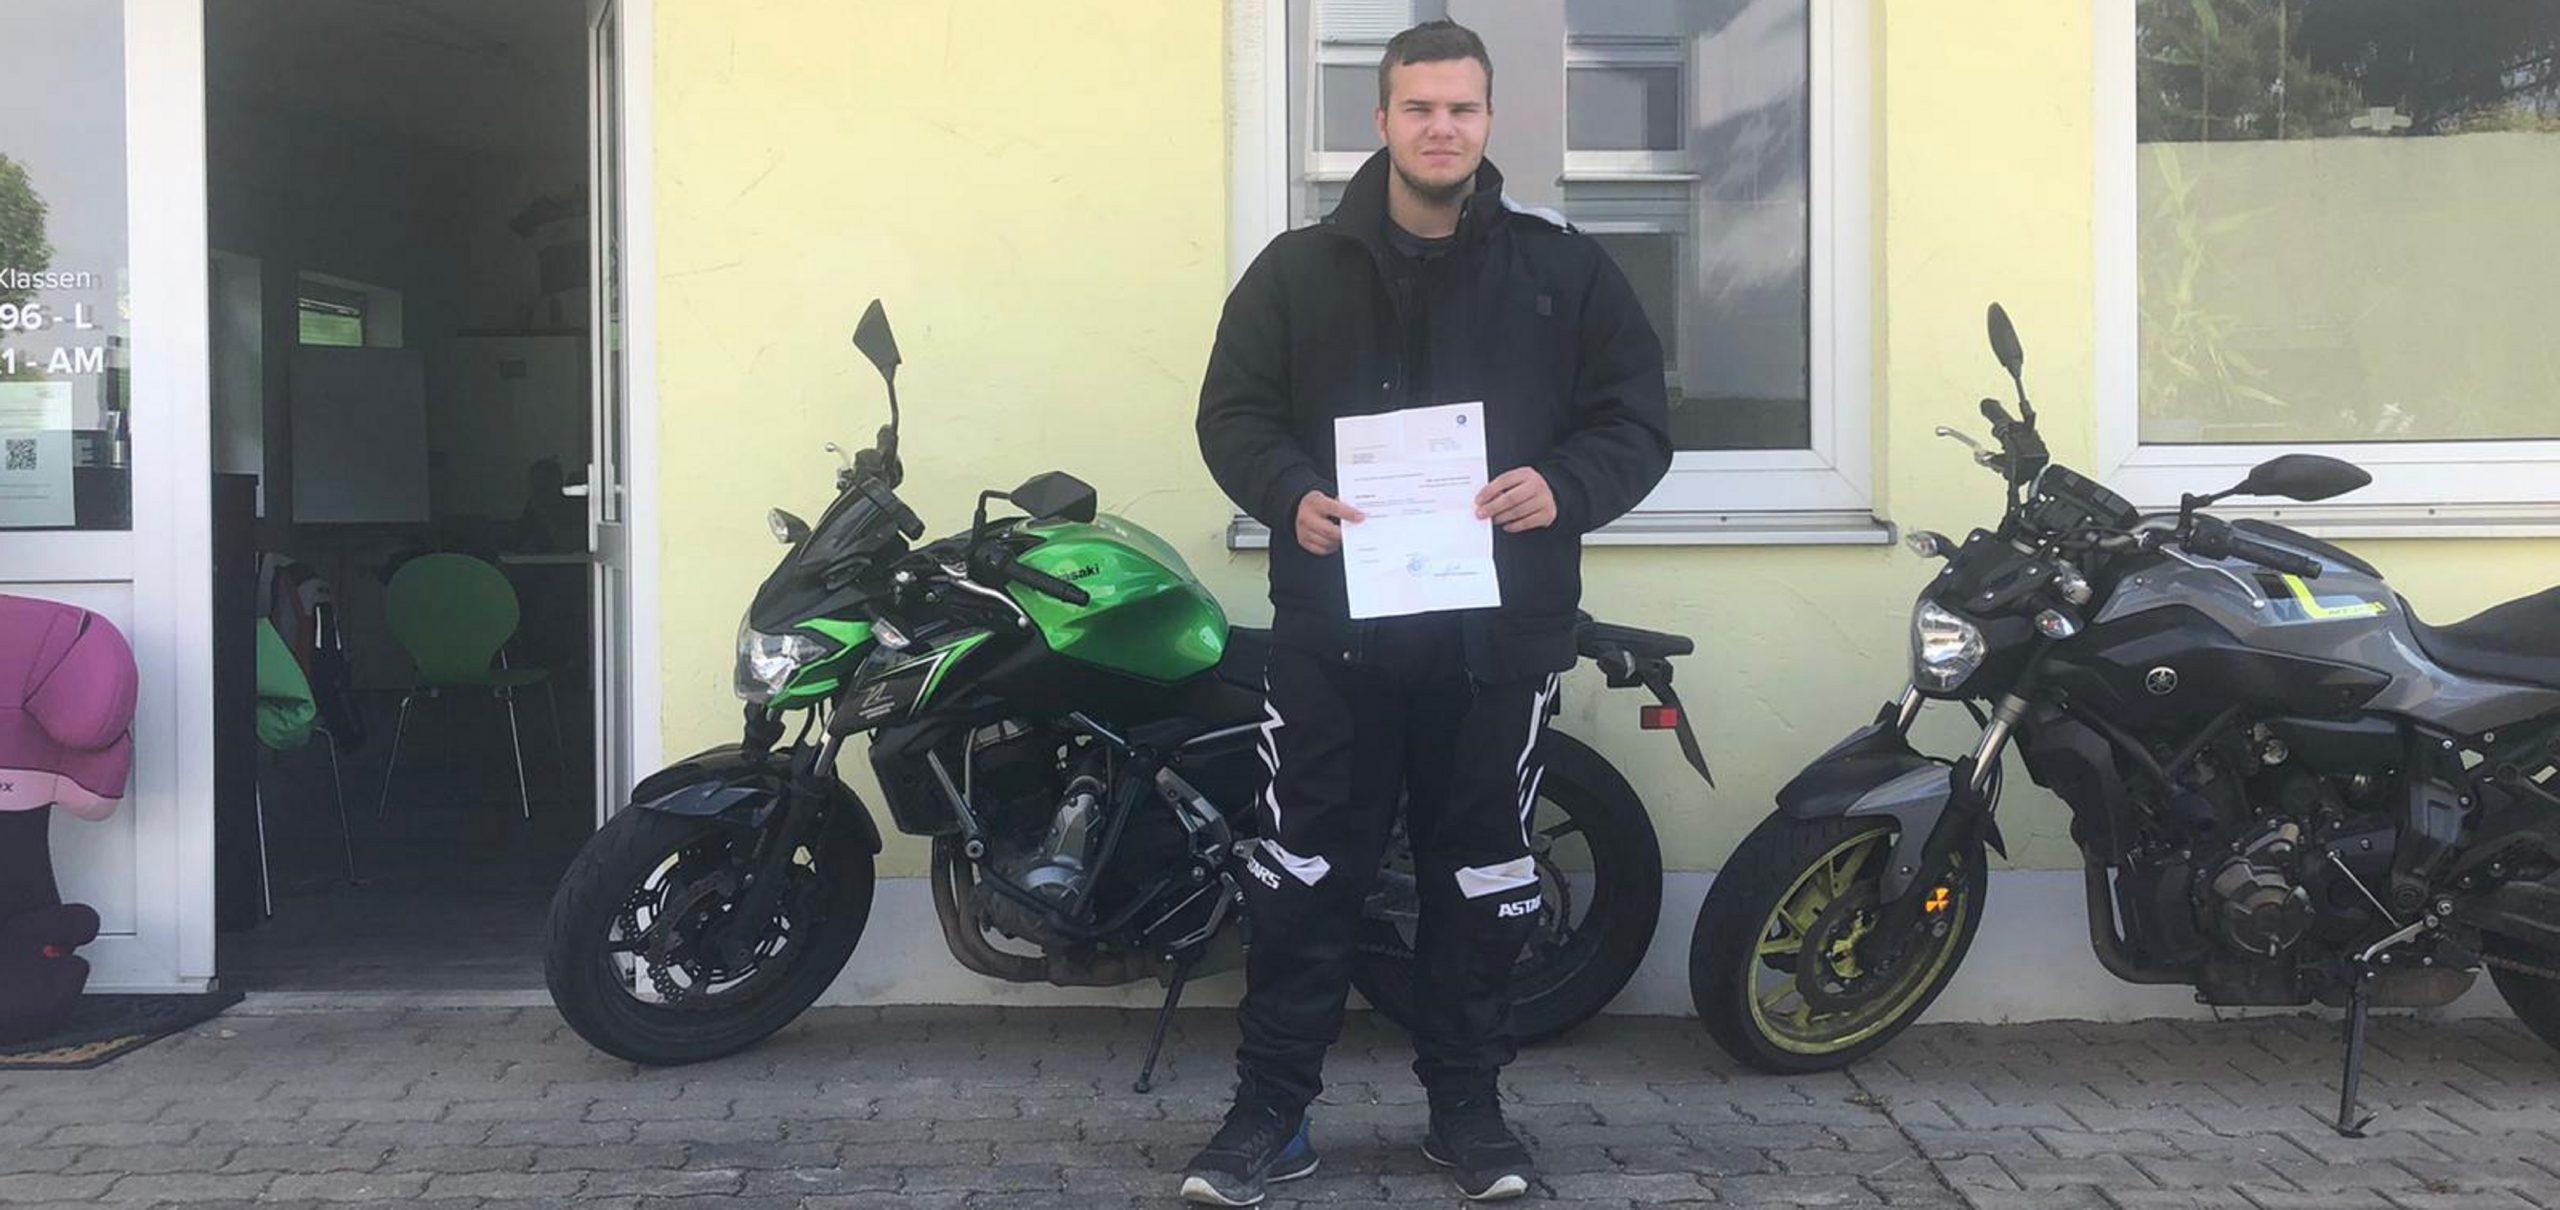 alexander-hermann-pruefungen-2021-fahrschule-green-kaufbeuren-neugablonz